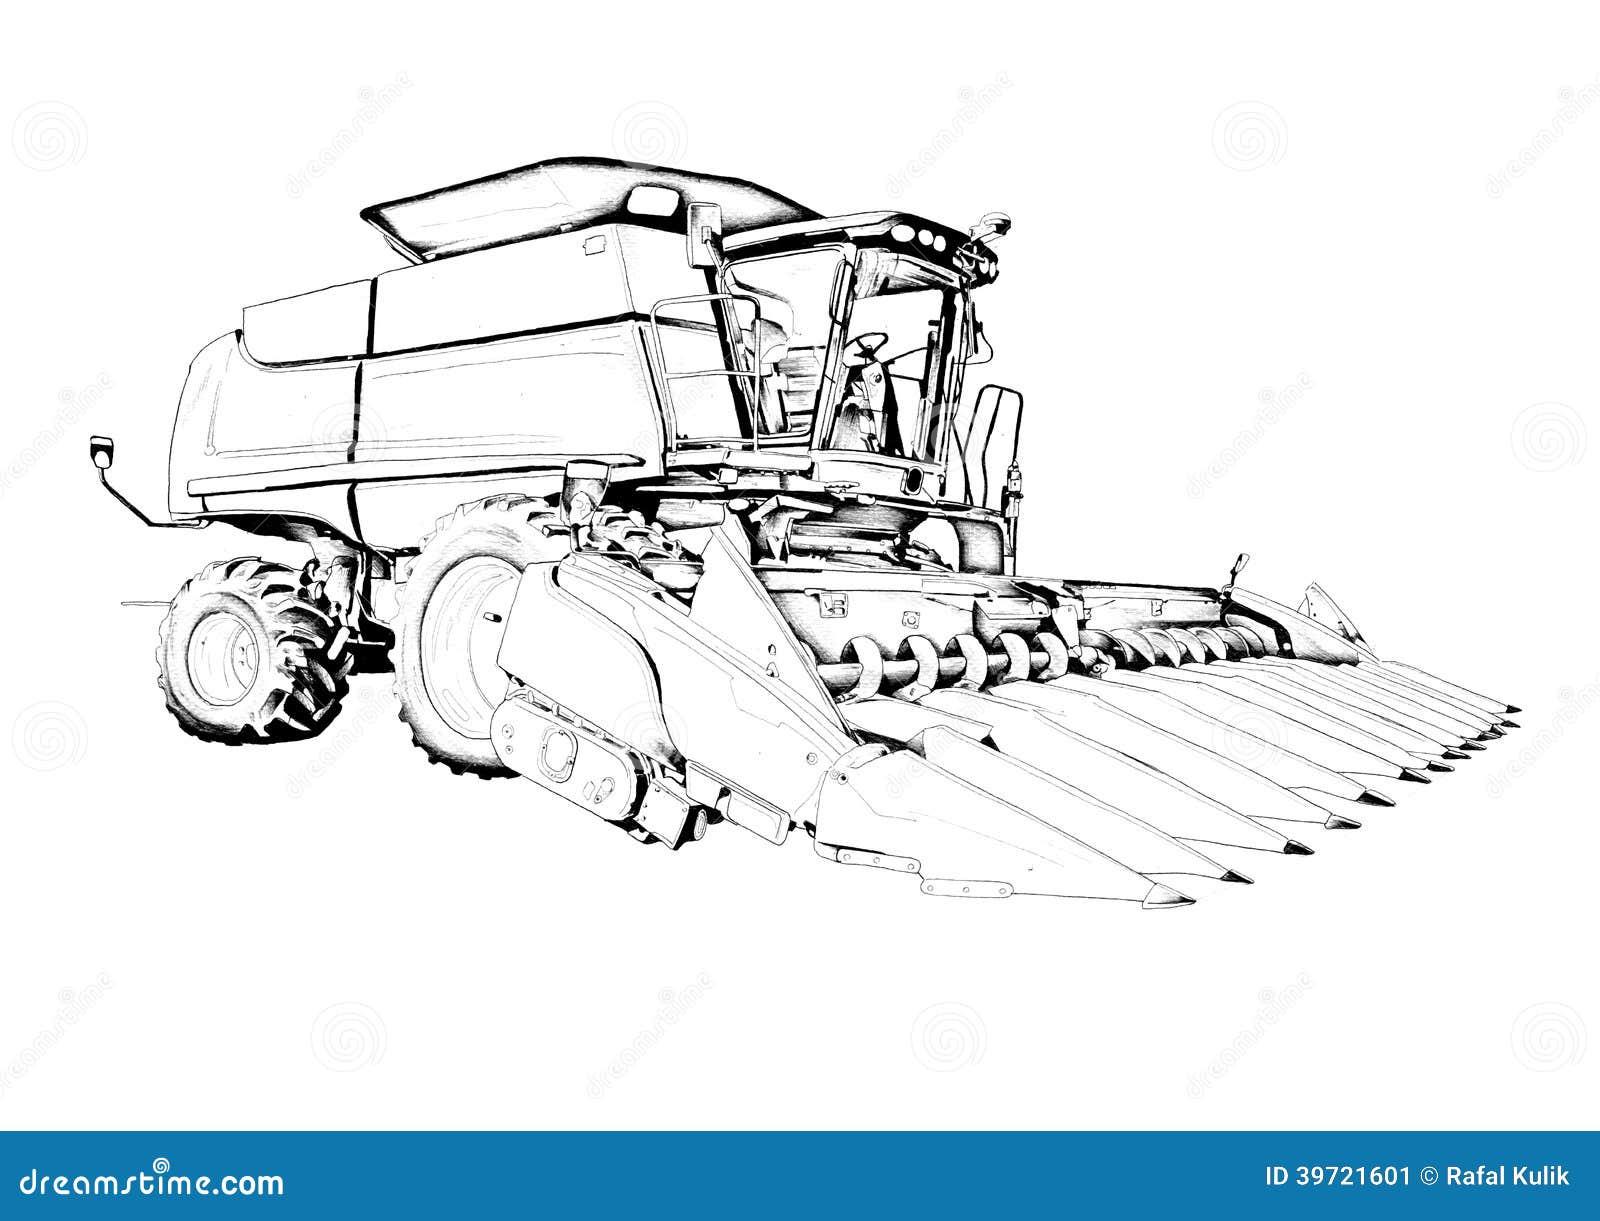 Dessin d 39 art d 39 illustration de r colte illustration stock illustration du fermier ferme 39721601 - Dessin moissonneuse ...